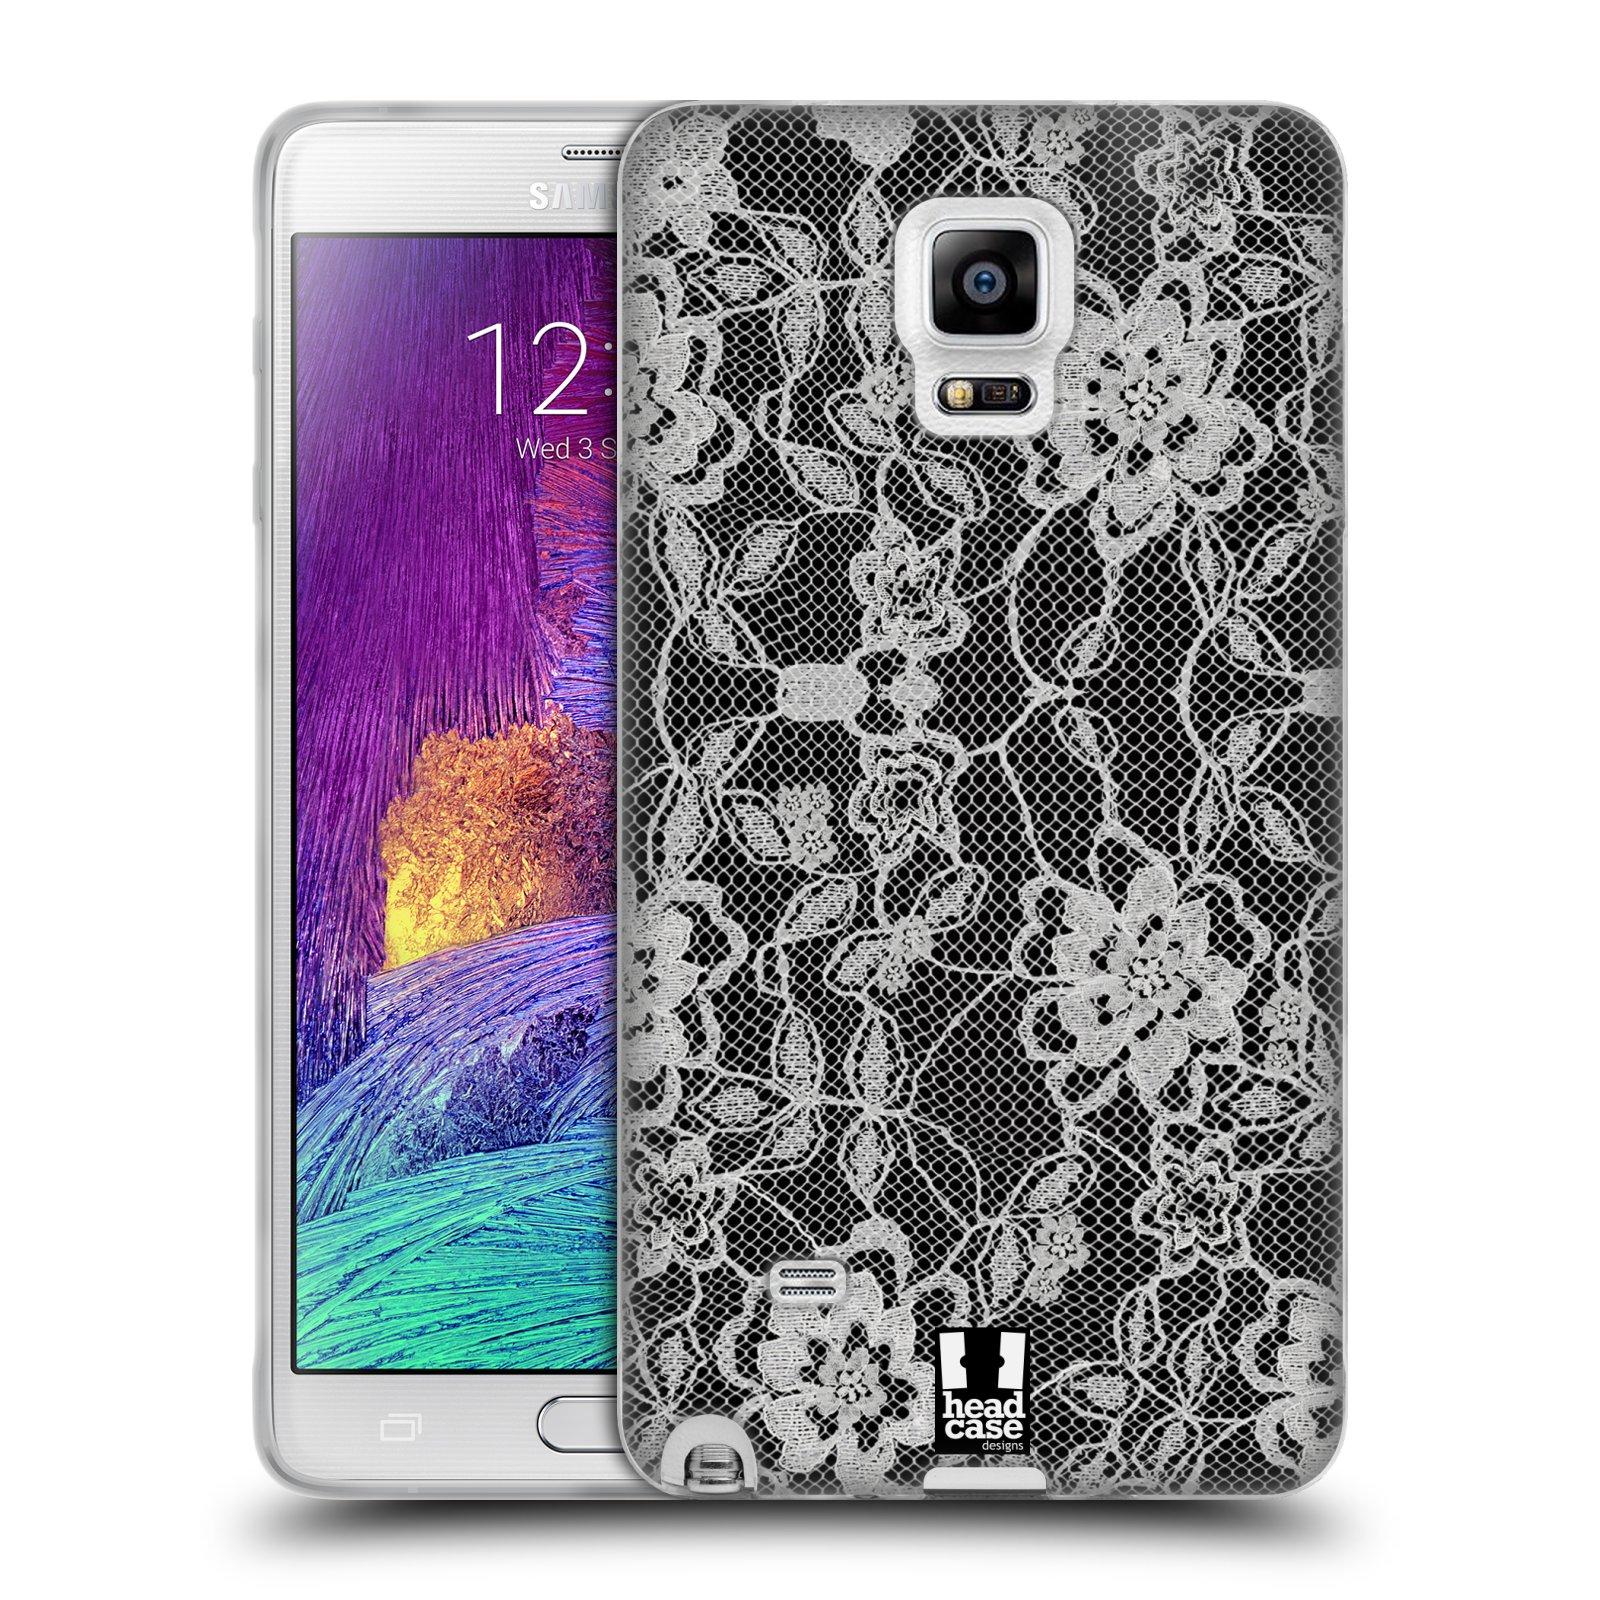 Silikonové pouzdro na mobil Samsung Galaxy Note 4 HEAD CASE FLOWERY KRAJKA (Silikonový kryt či obal na mobilní telefon Samsung Galaxy Note 4 SM-N910F)